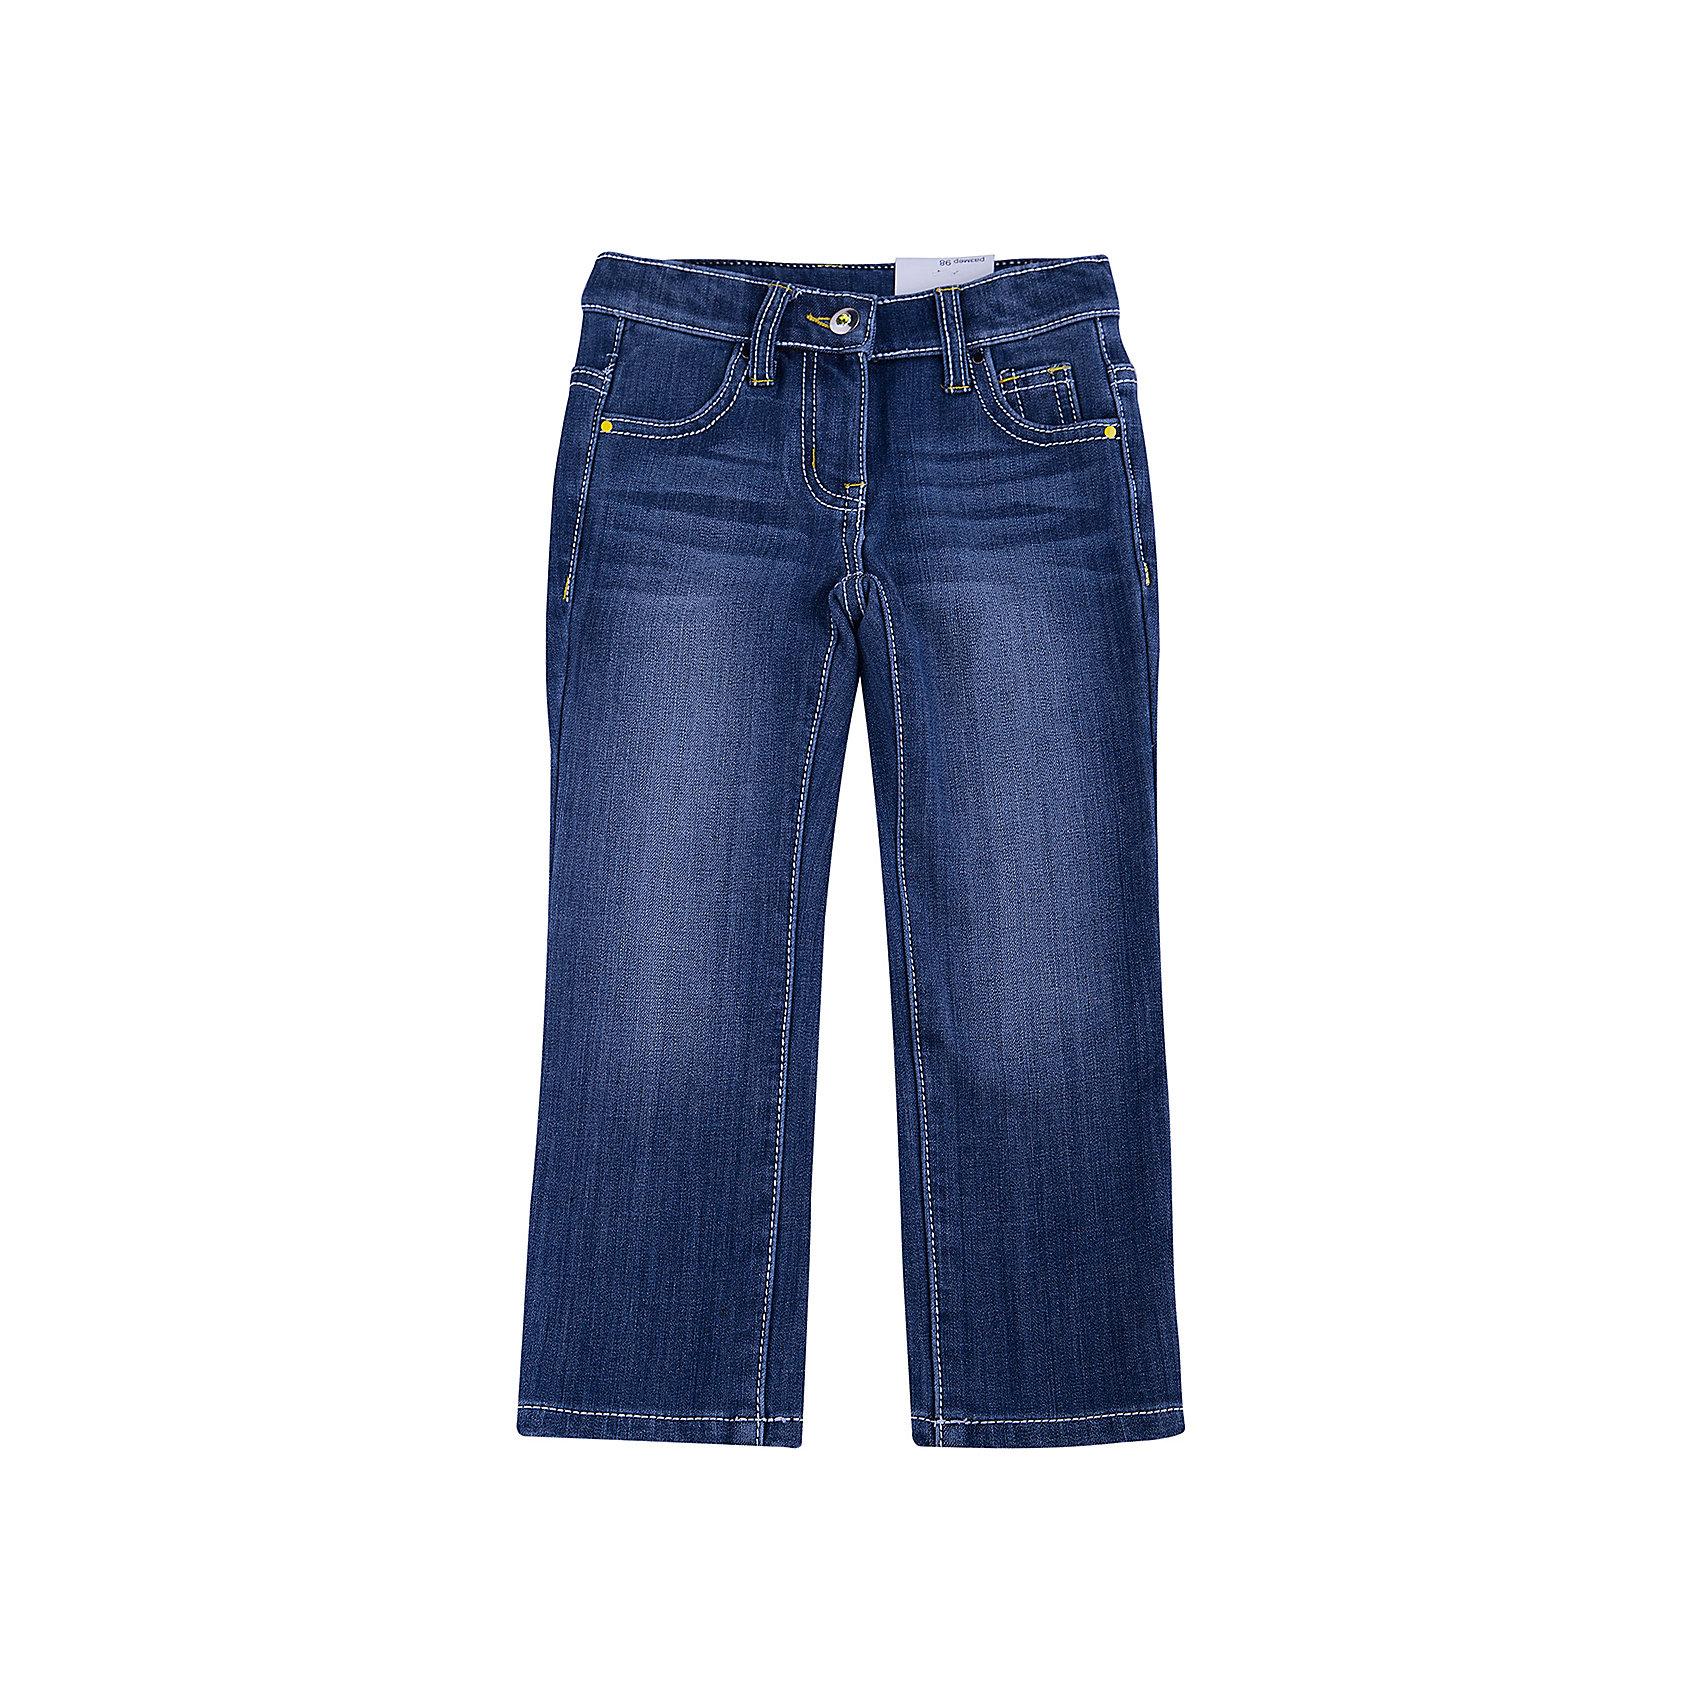 Джинсы для девочки PlayTodayДжинсы<br>Джинсы для девочки от известного бренда PlayToday.<br>Удобные джинсы с модными потертостями. Внутри мягкая флисовая подкладка. Застегиваются на молнию и пуговицу с ярким сверкающим кристаллом. Классическая пятикарманка.<br>Состав:<br>62% хлопок, 23% вискоза, 13% полиэстер, 2% эластан<br><br>Ширина мм: 215<br>Глубина мм: 88<br>Высота мм: 191<br>Вес г: 336<br>Цвет: синий<br>Возраст от месяцев: 72<br>Возраст до месяцев: 84<br>Пол: Женский<br>Возраст: Детский<br>Размер: 122,104,128,110,116,98<br>SKU: 4897229